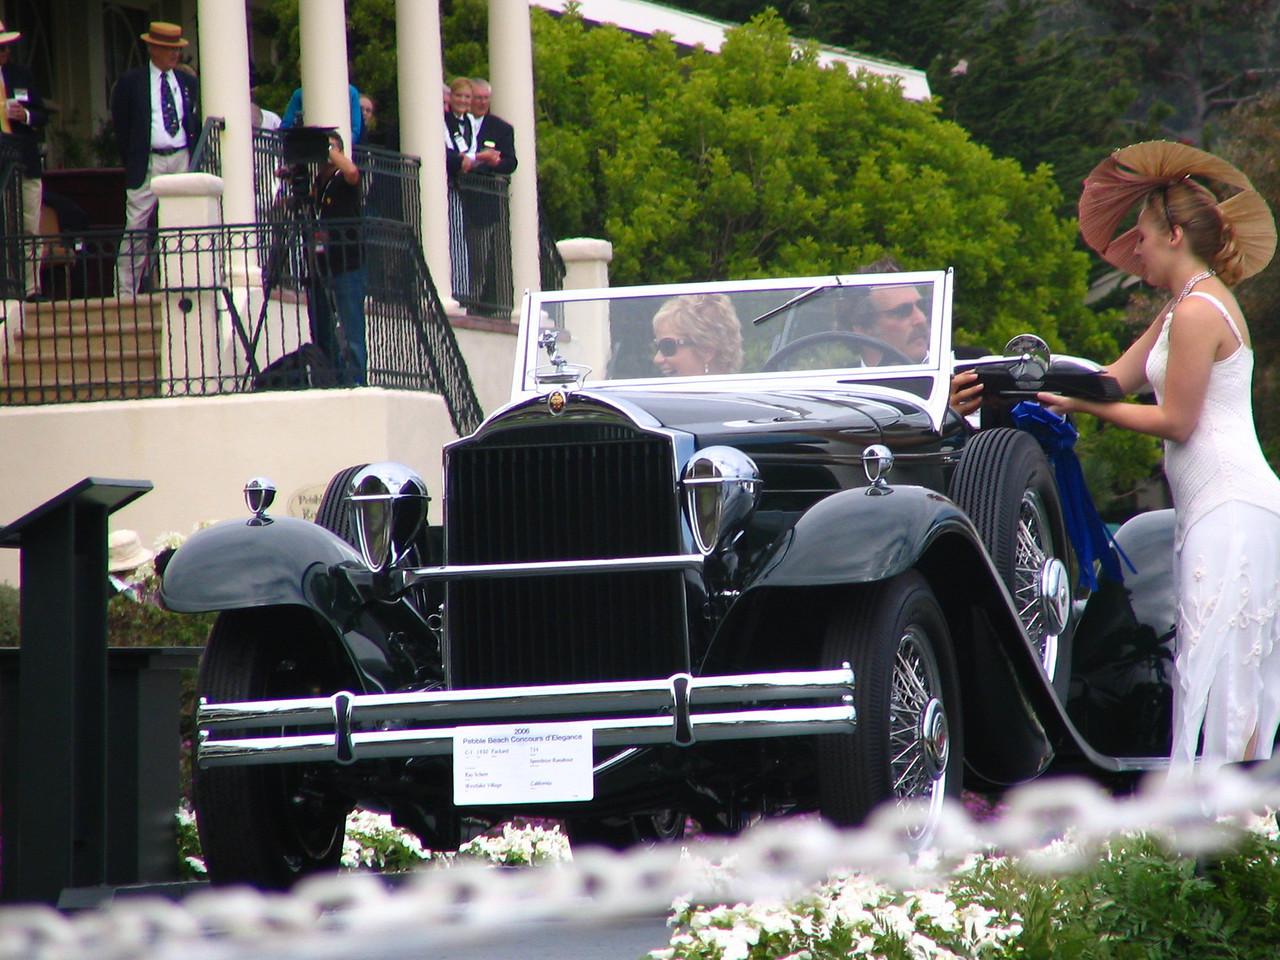 Class C-1, American Classic Open 1925-1931, Winner -- 1930 Packard 734 Speedster Runabout